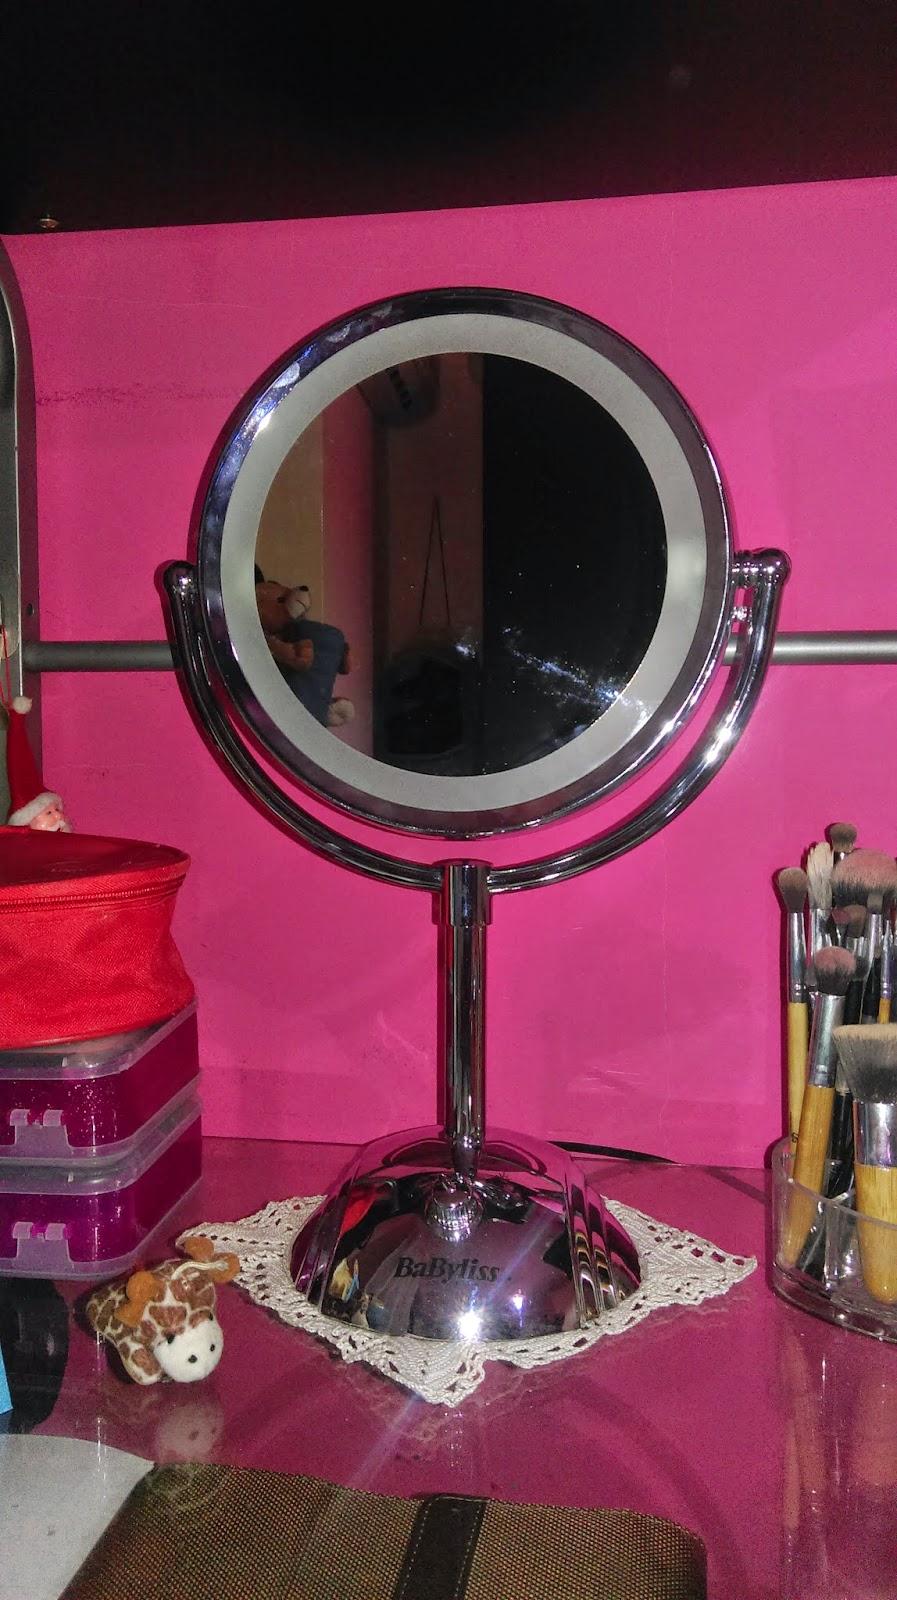 Looking by me recensione specchio luminoso babyliss 8438e - Specchio babyliss 8438e ...